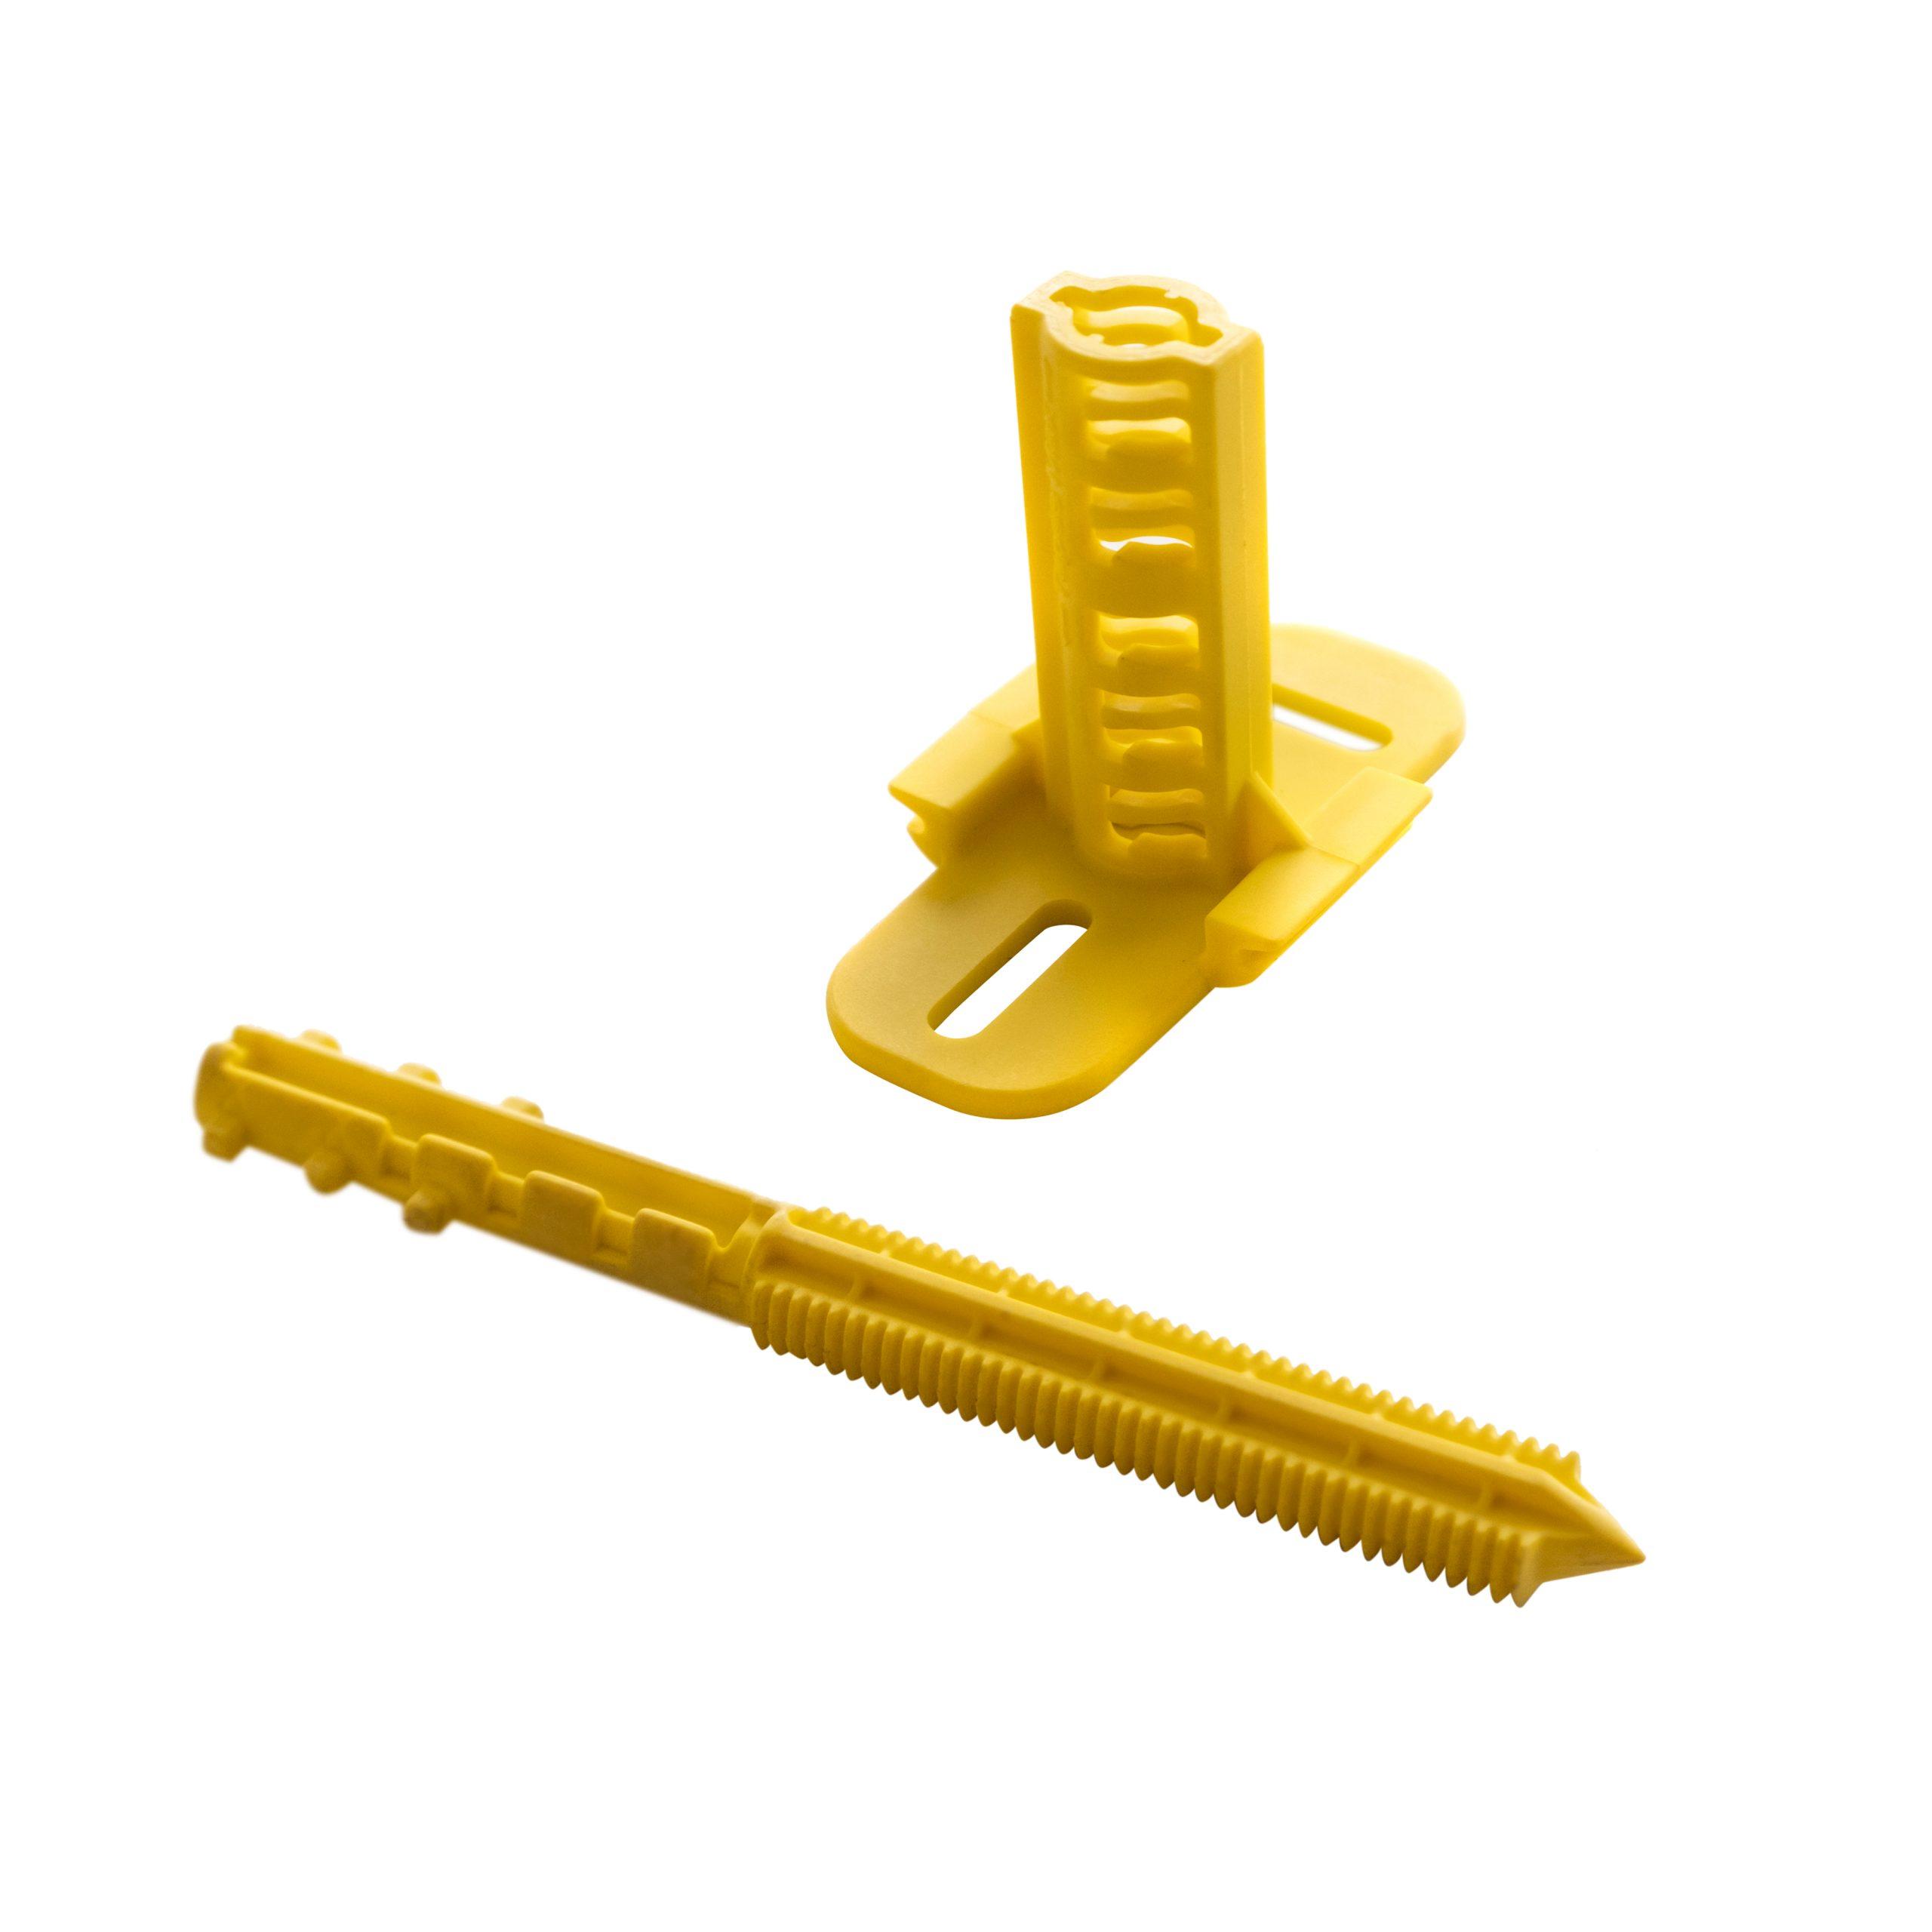 inovamolde-moldes-tecnicos-outros-construcao-1